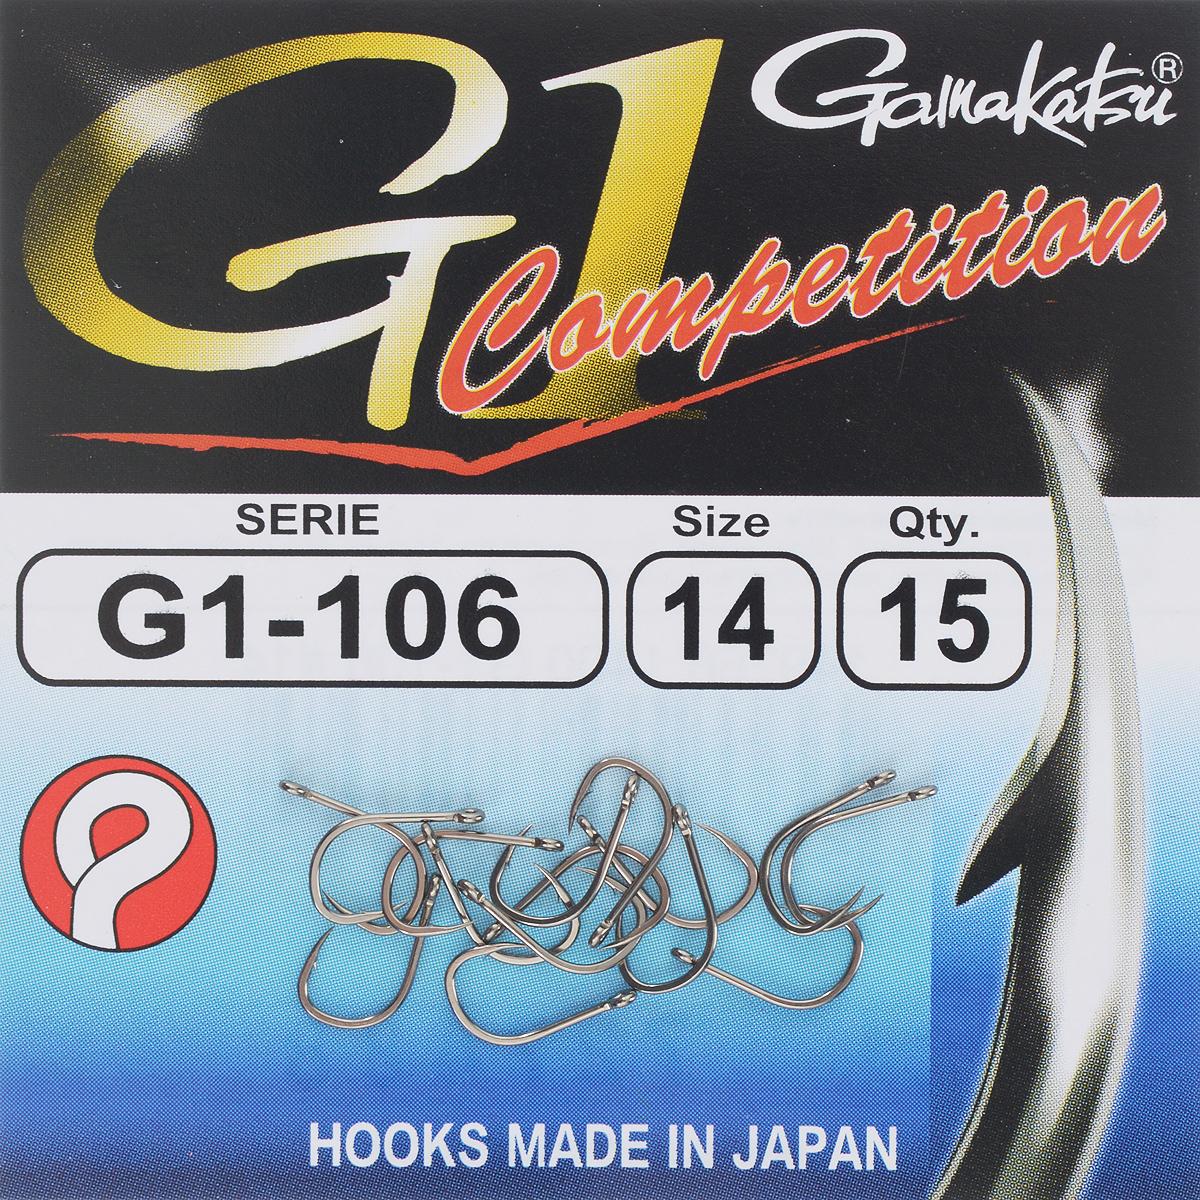 Набор крючков Gamakatsu G-1 Competition, размер №14, 15 шт23413Gamakatsu G-1 Competition - это крючки, прекрасно подходящие для ловли на волосяную оснастку в условиях соревнований. Изделия выполнены из тяжелой проволоки.